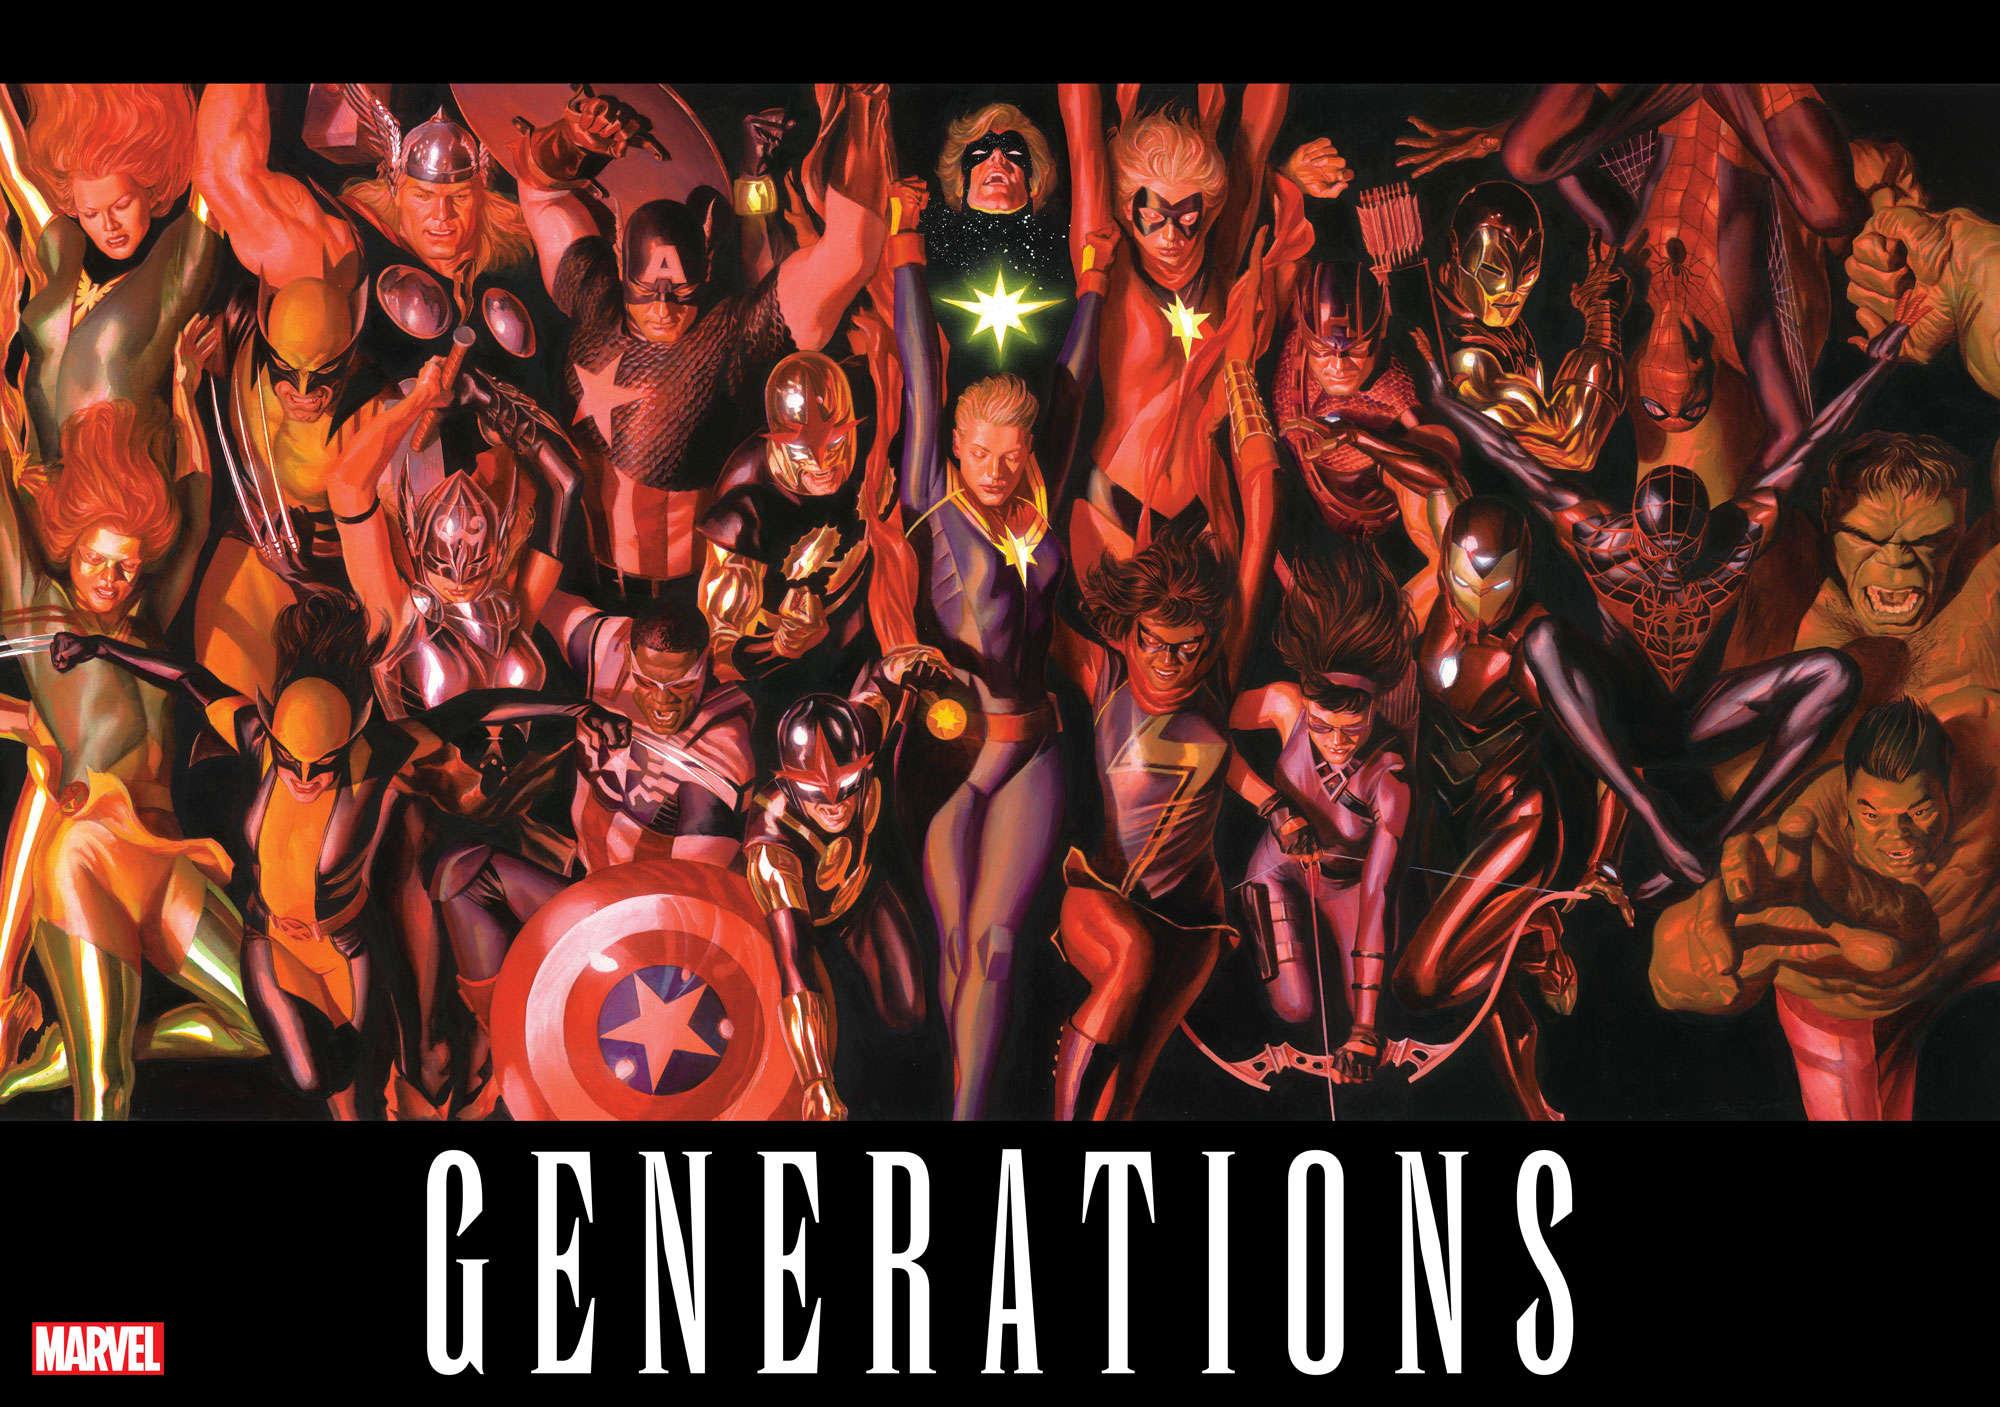 marvel-generations-alex-ross-232436.jpg